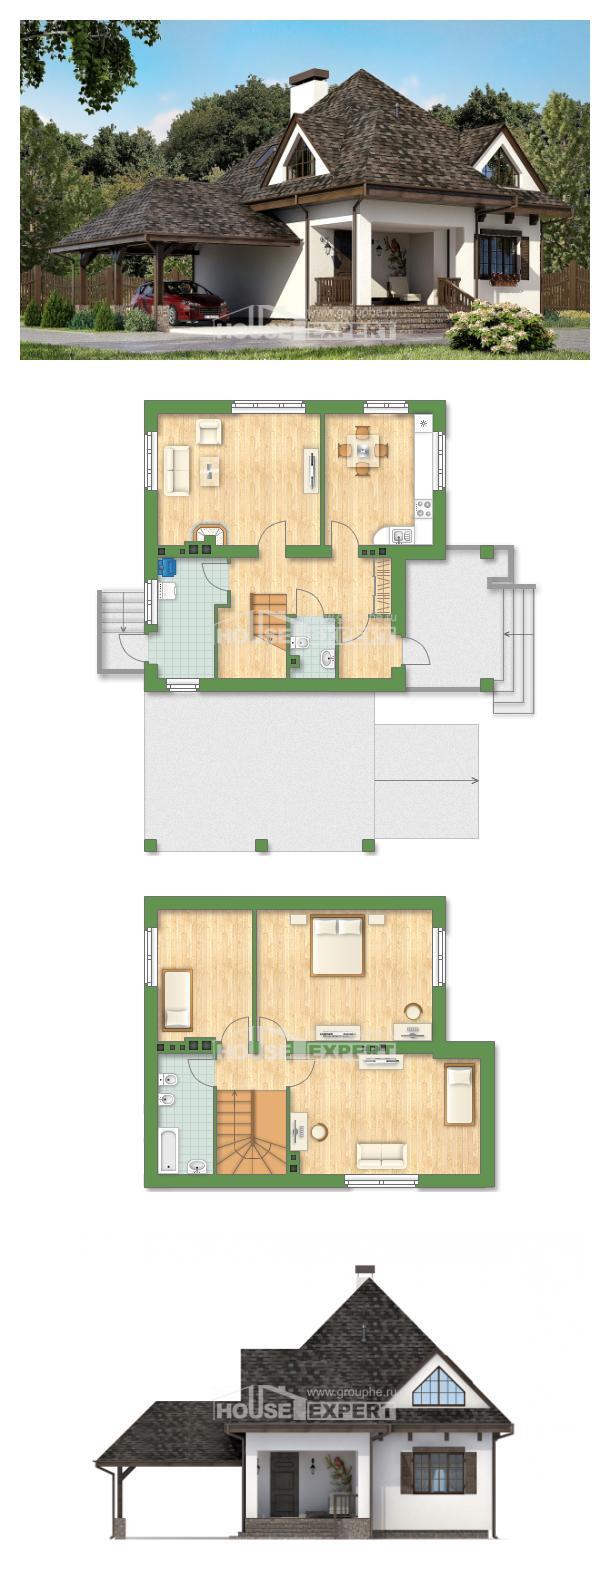 Проект на къща 110-002-L | House Expert